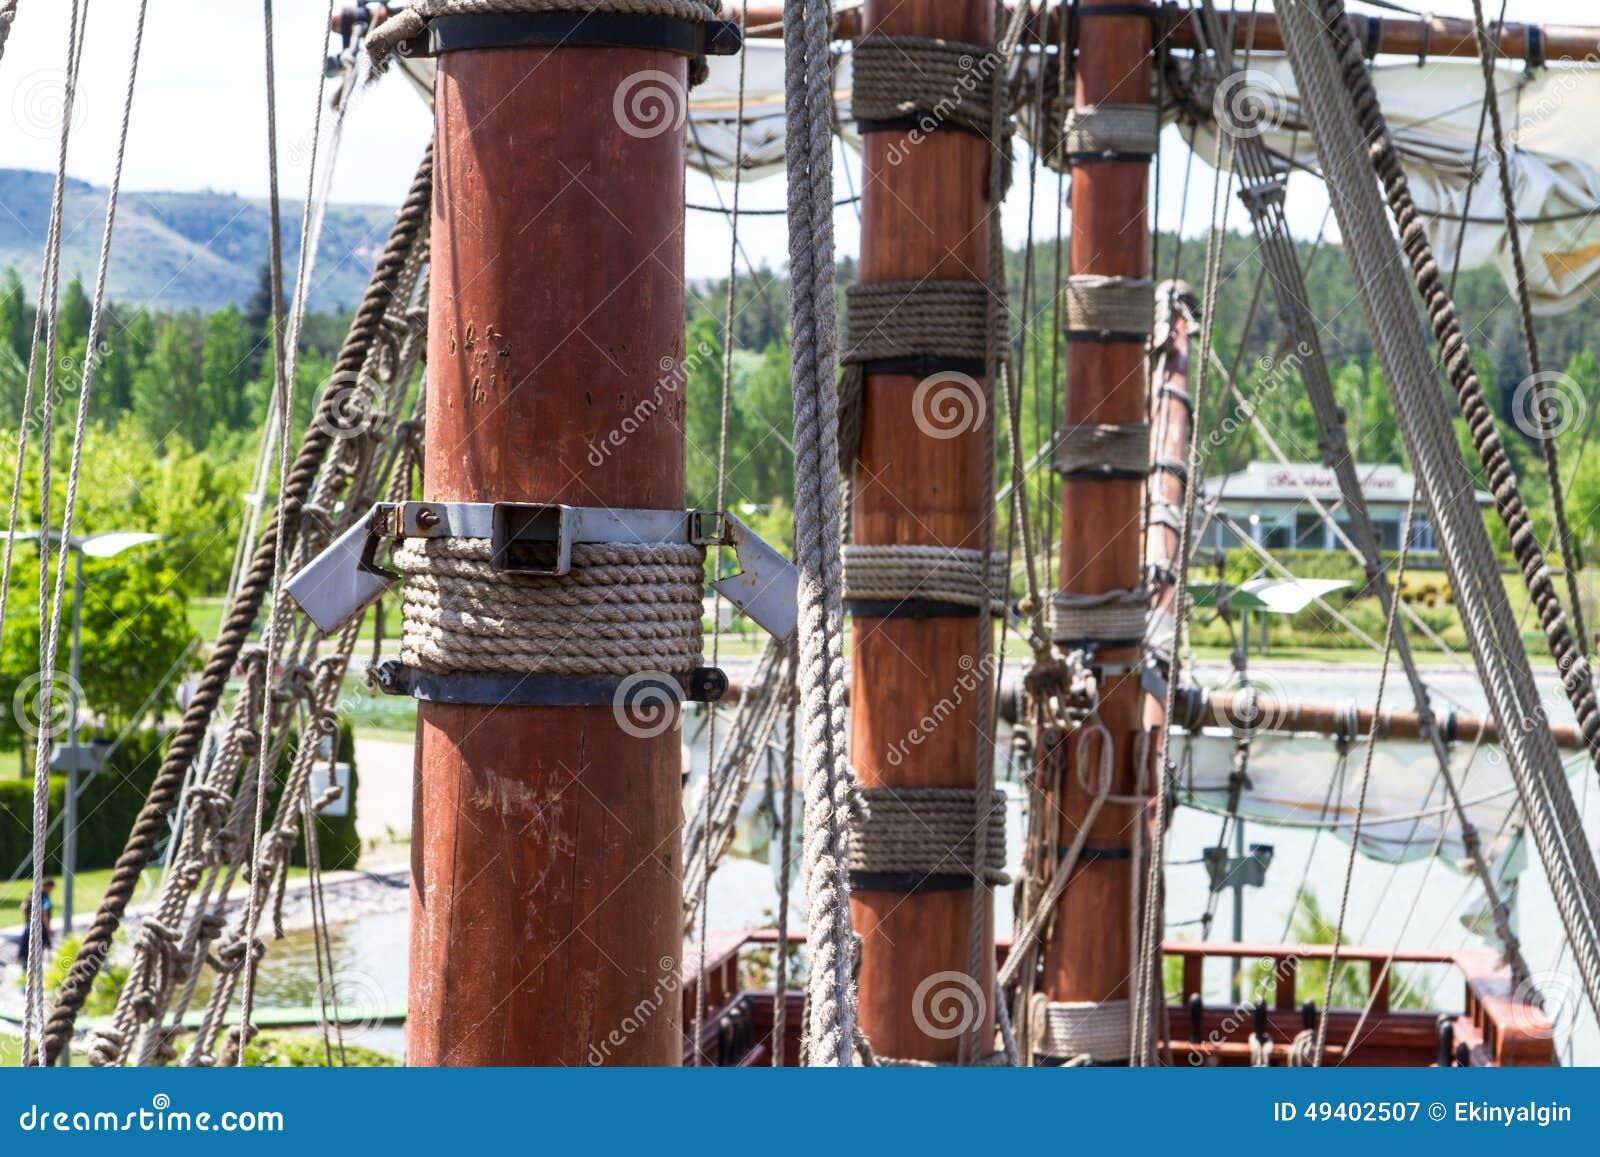 Download Piraten-Schiff im Park stockbild. Bild von garten, transport - 49402507